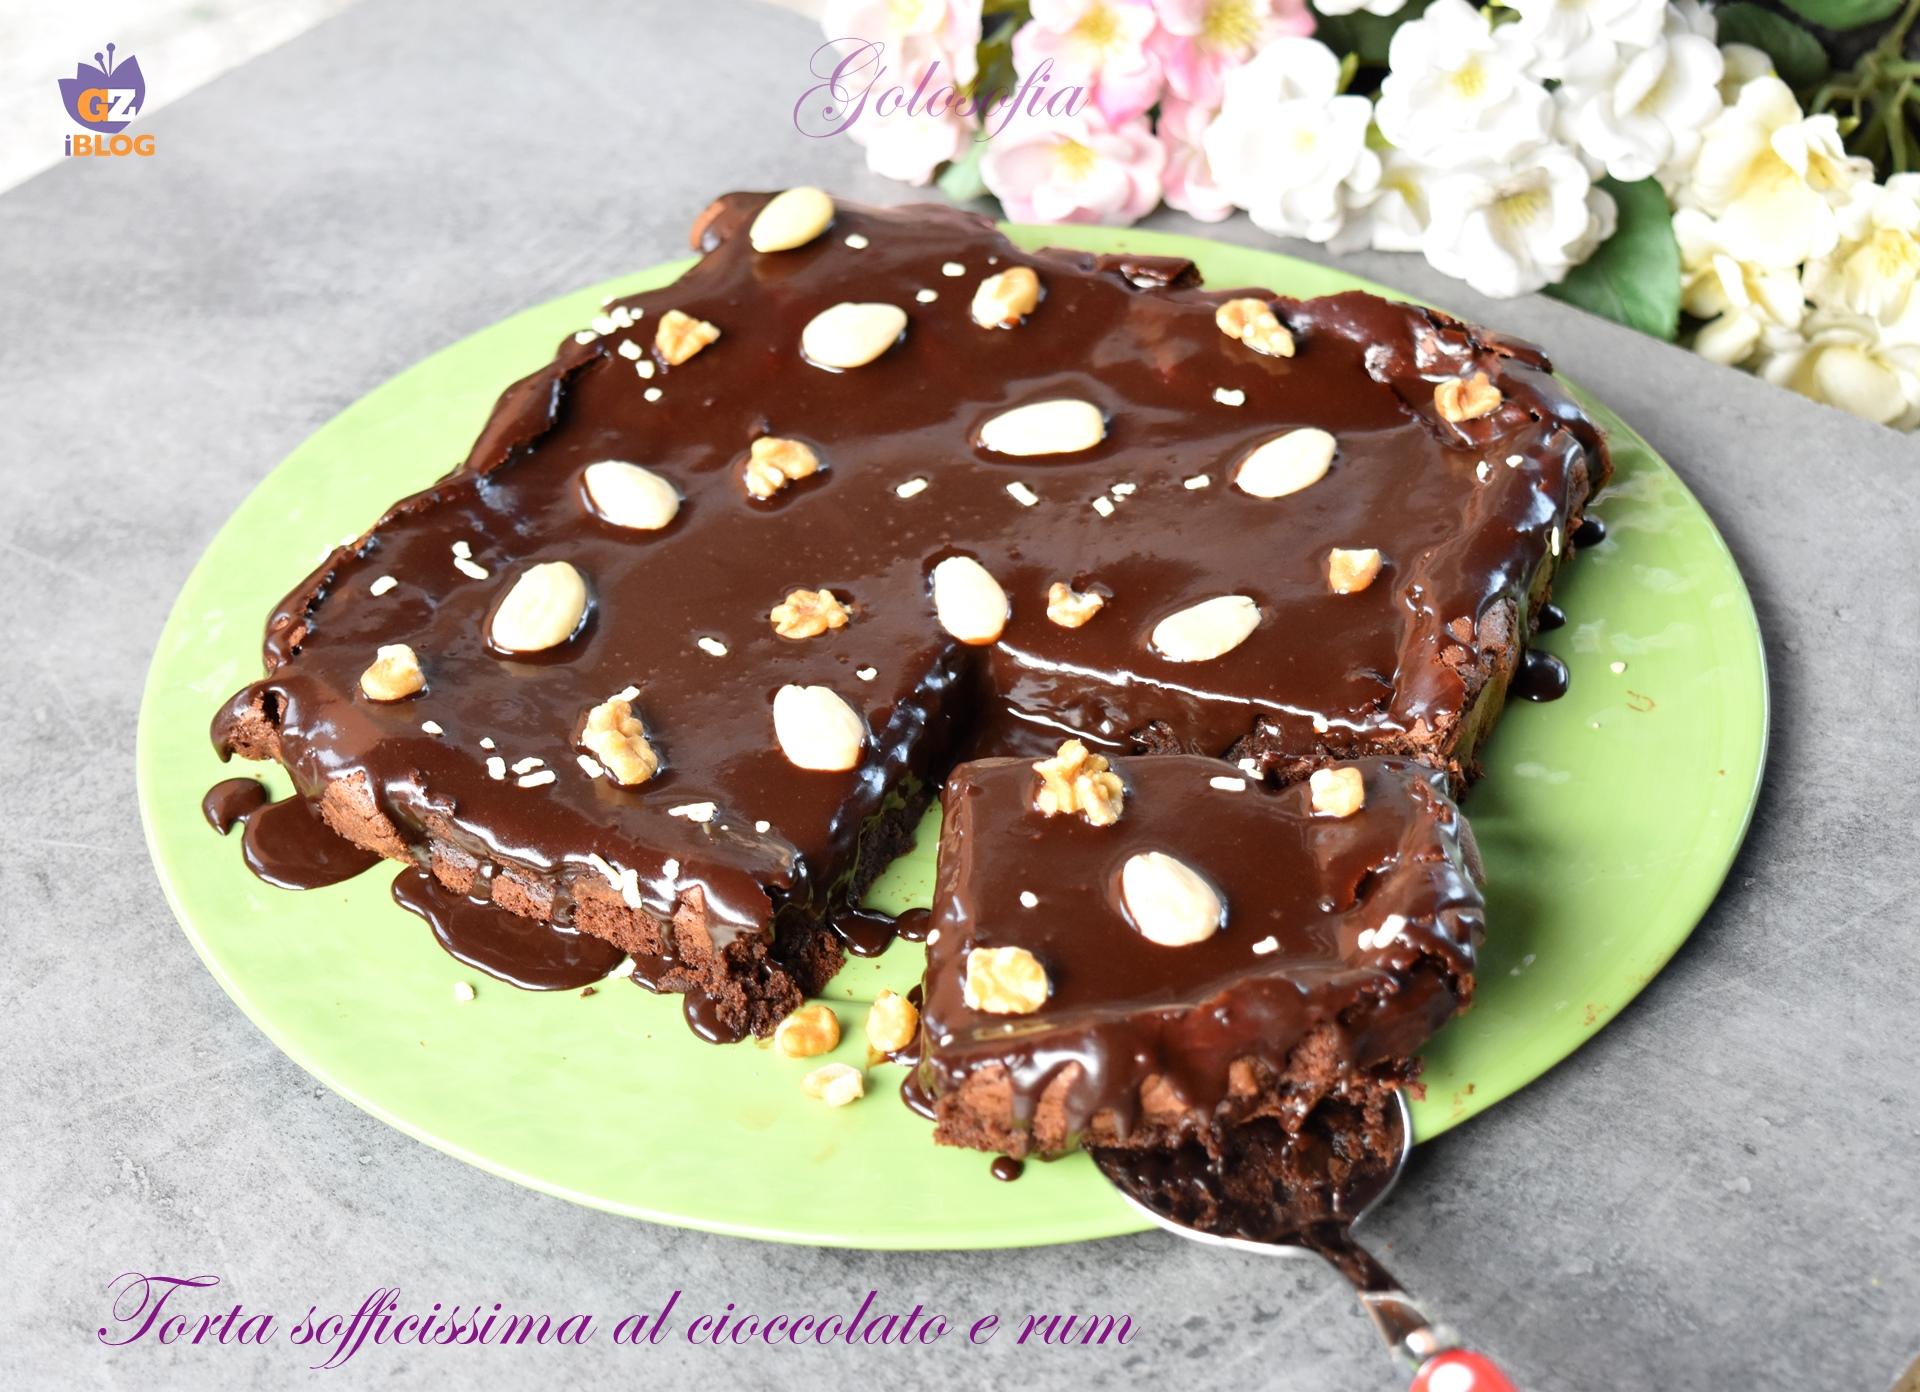 Torta sofficissima al cioccolato e rum-ricetta torte-golosofia